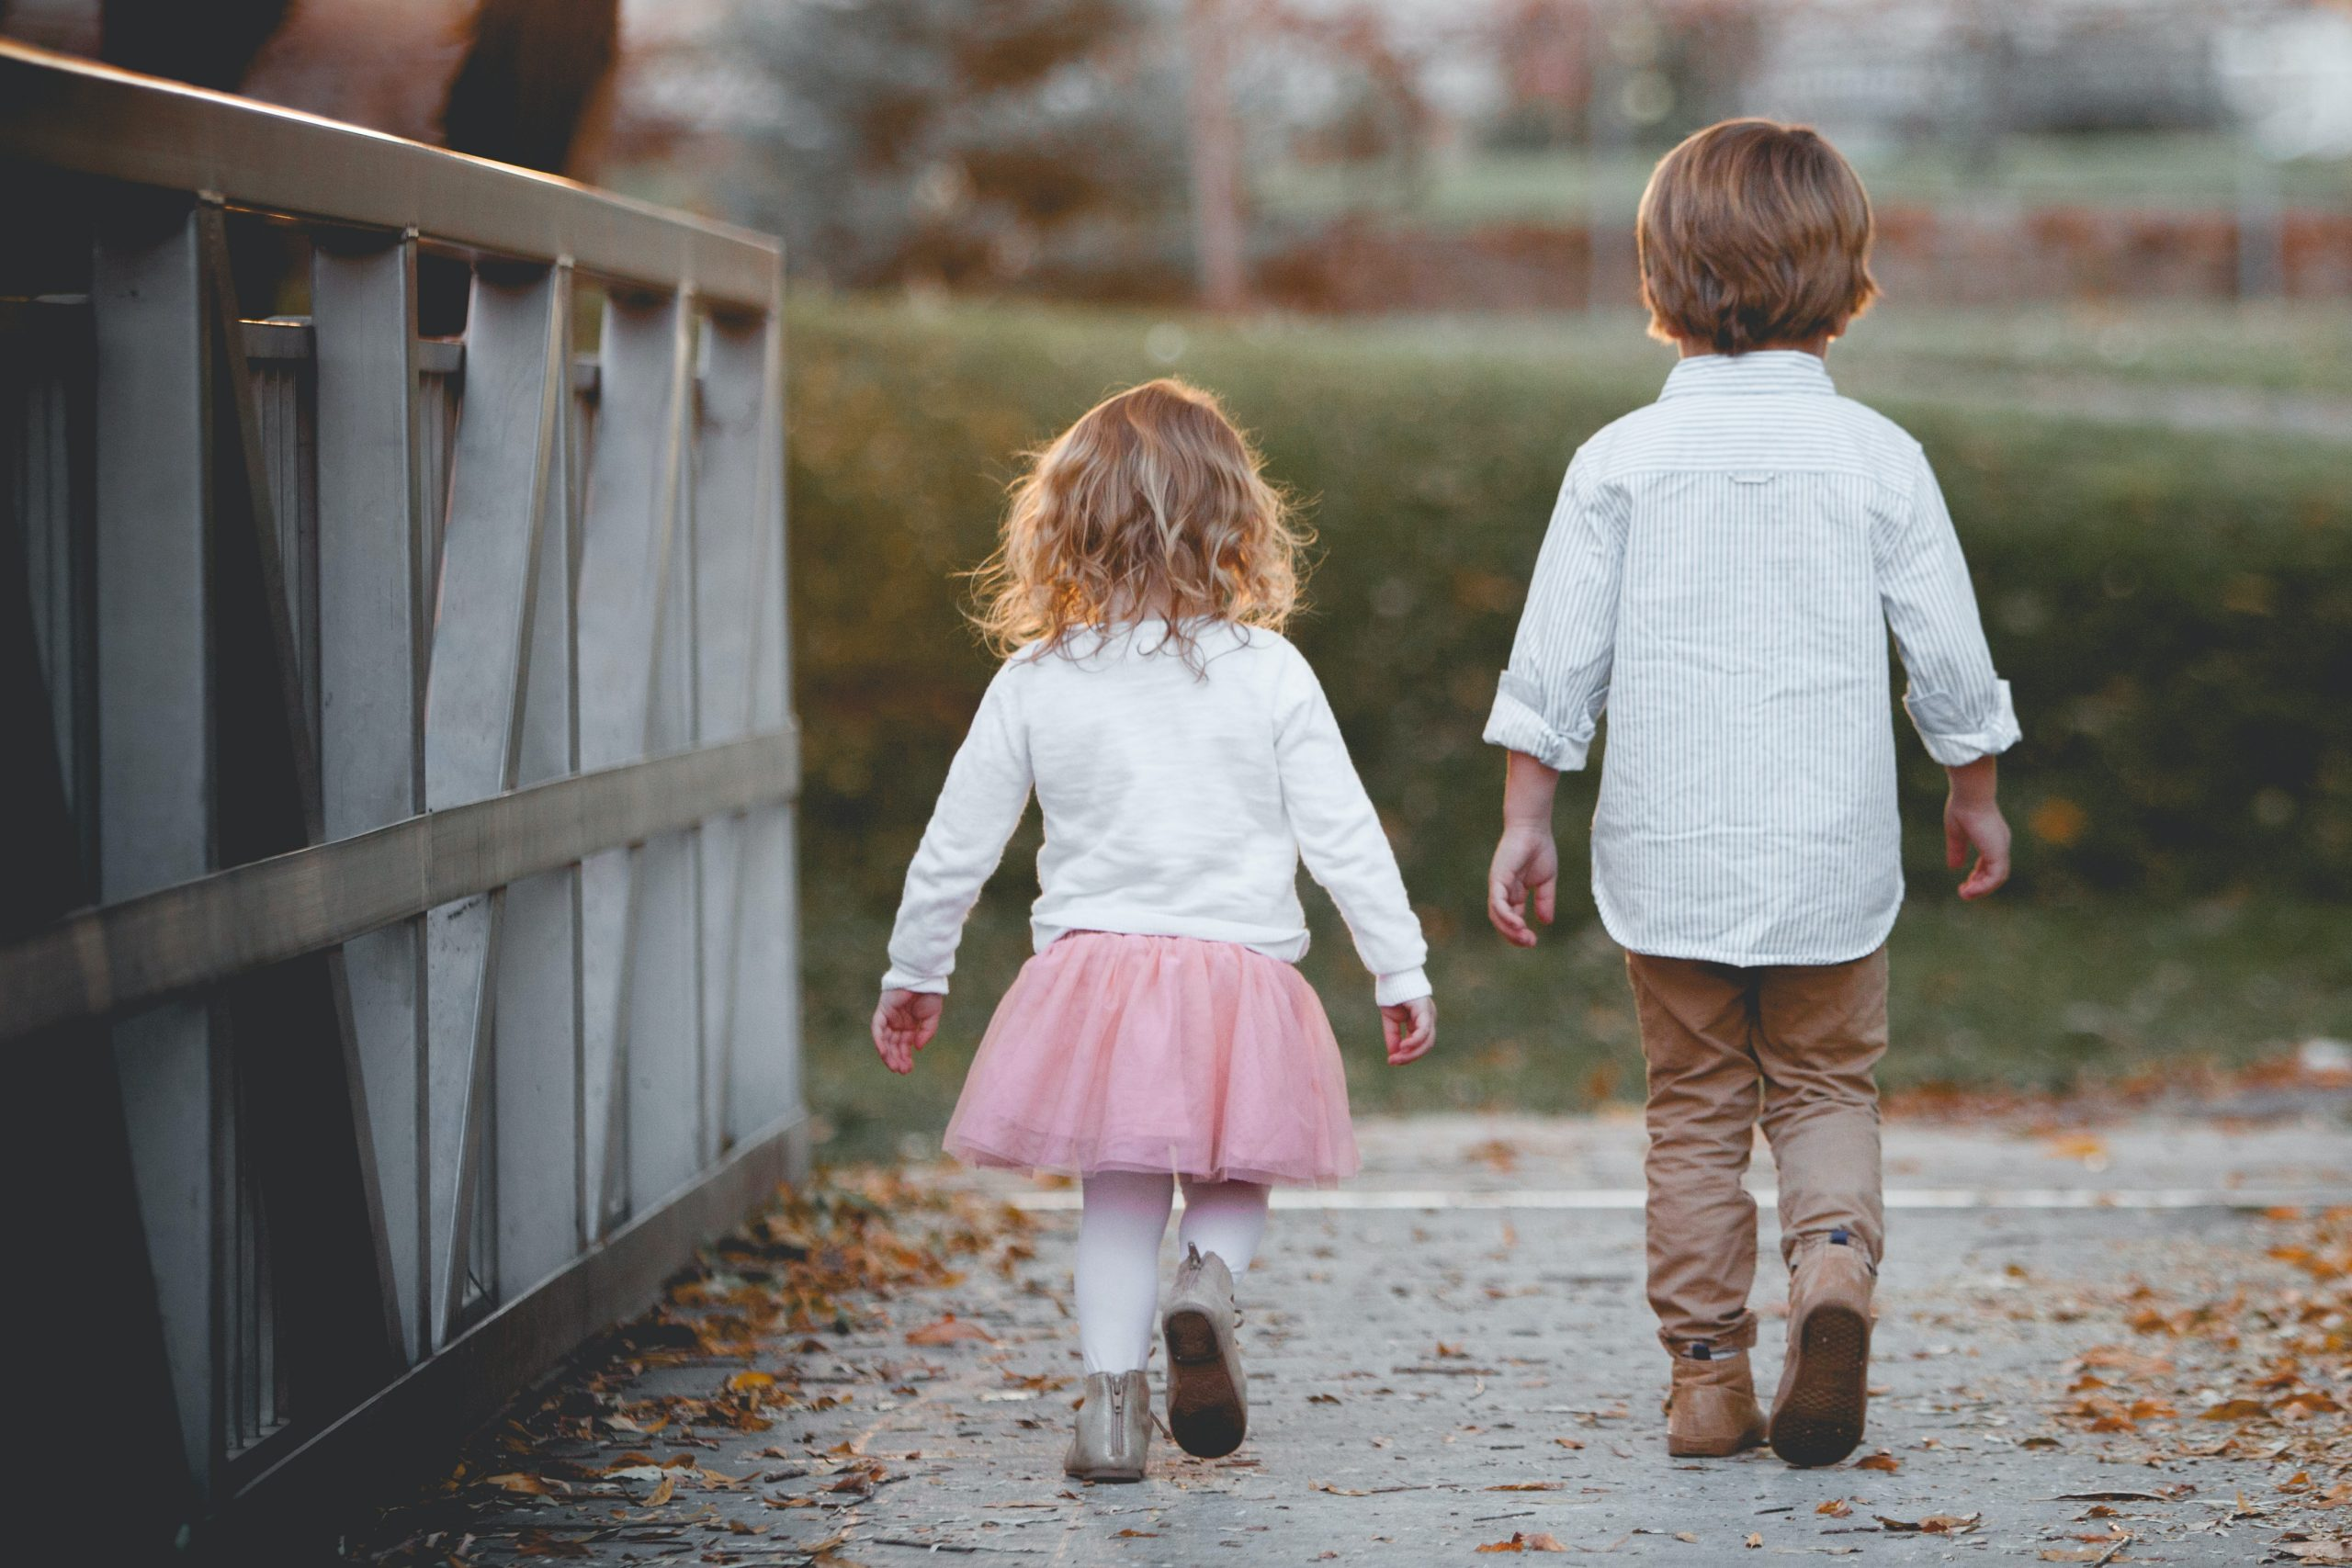 kevin-gent-DIZBFTl7c-A-unsplash- small kids walking